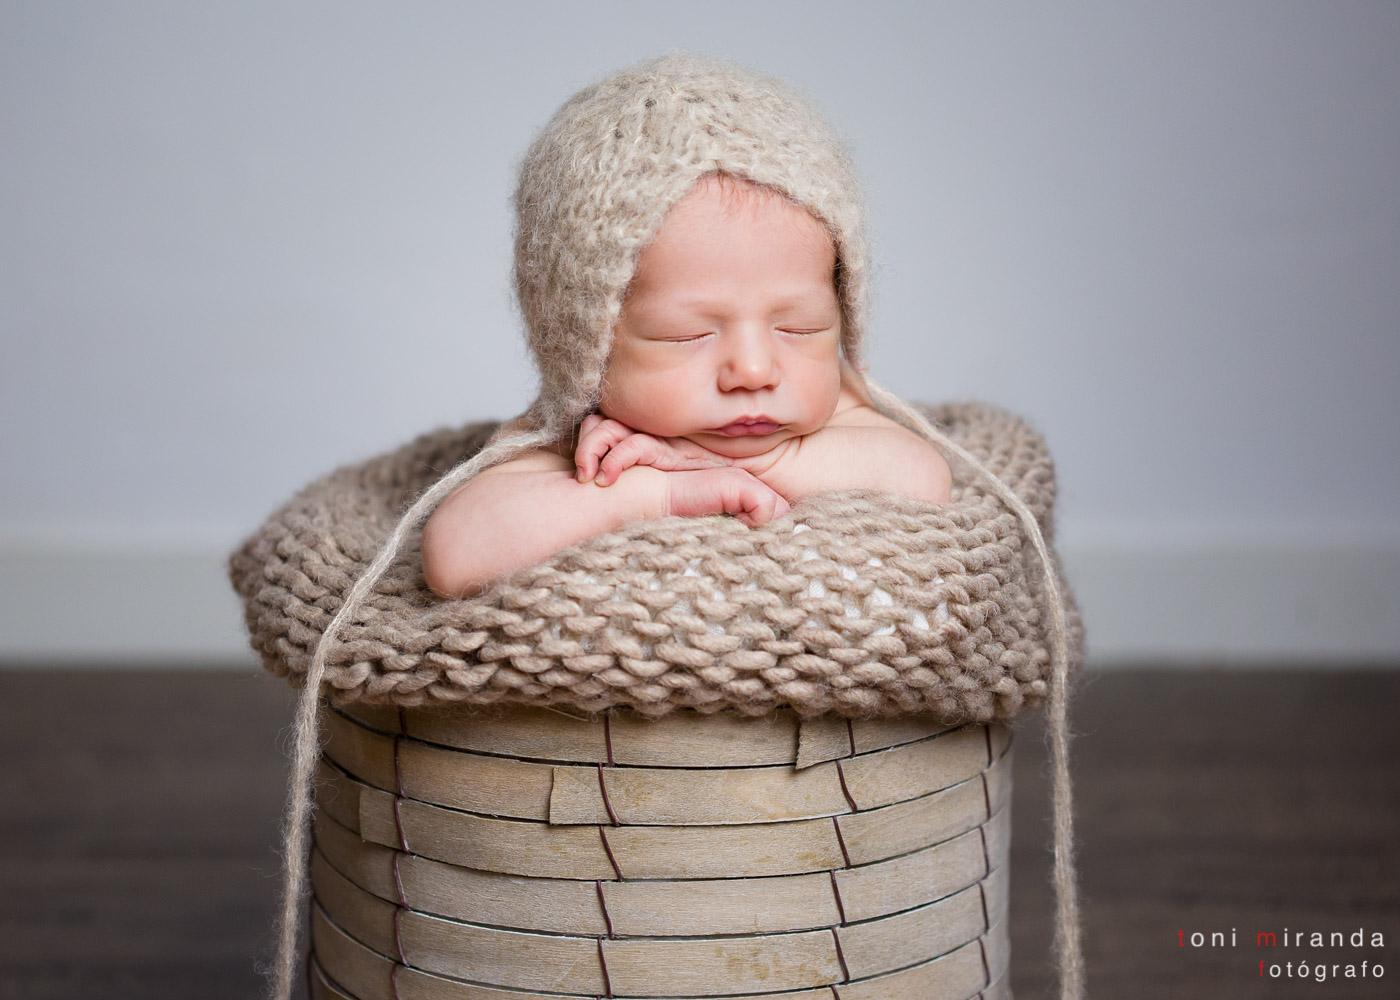 bebe durmiendo en cesta con gorrito